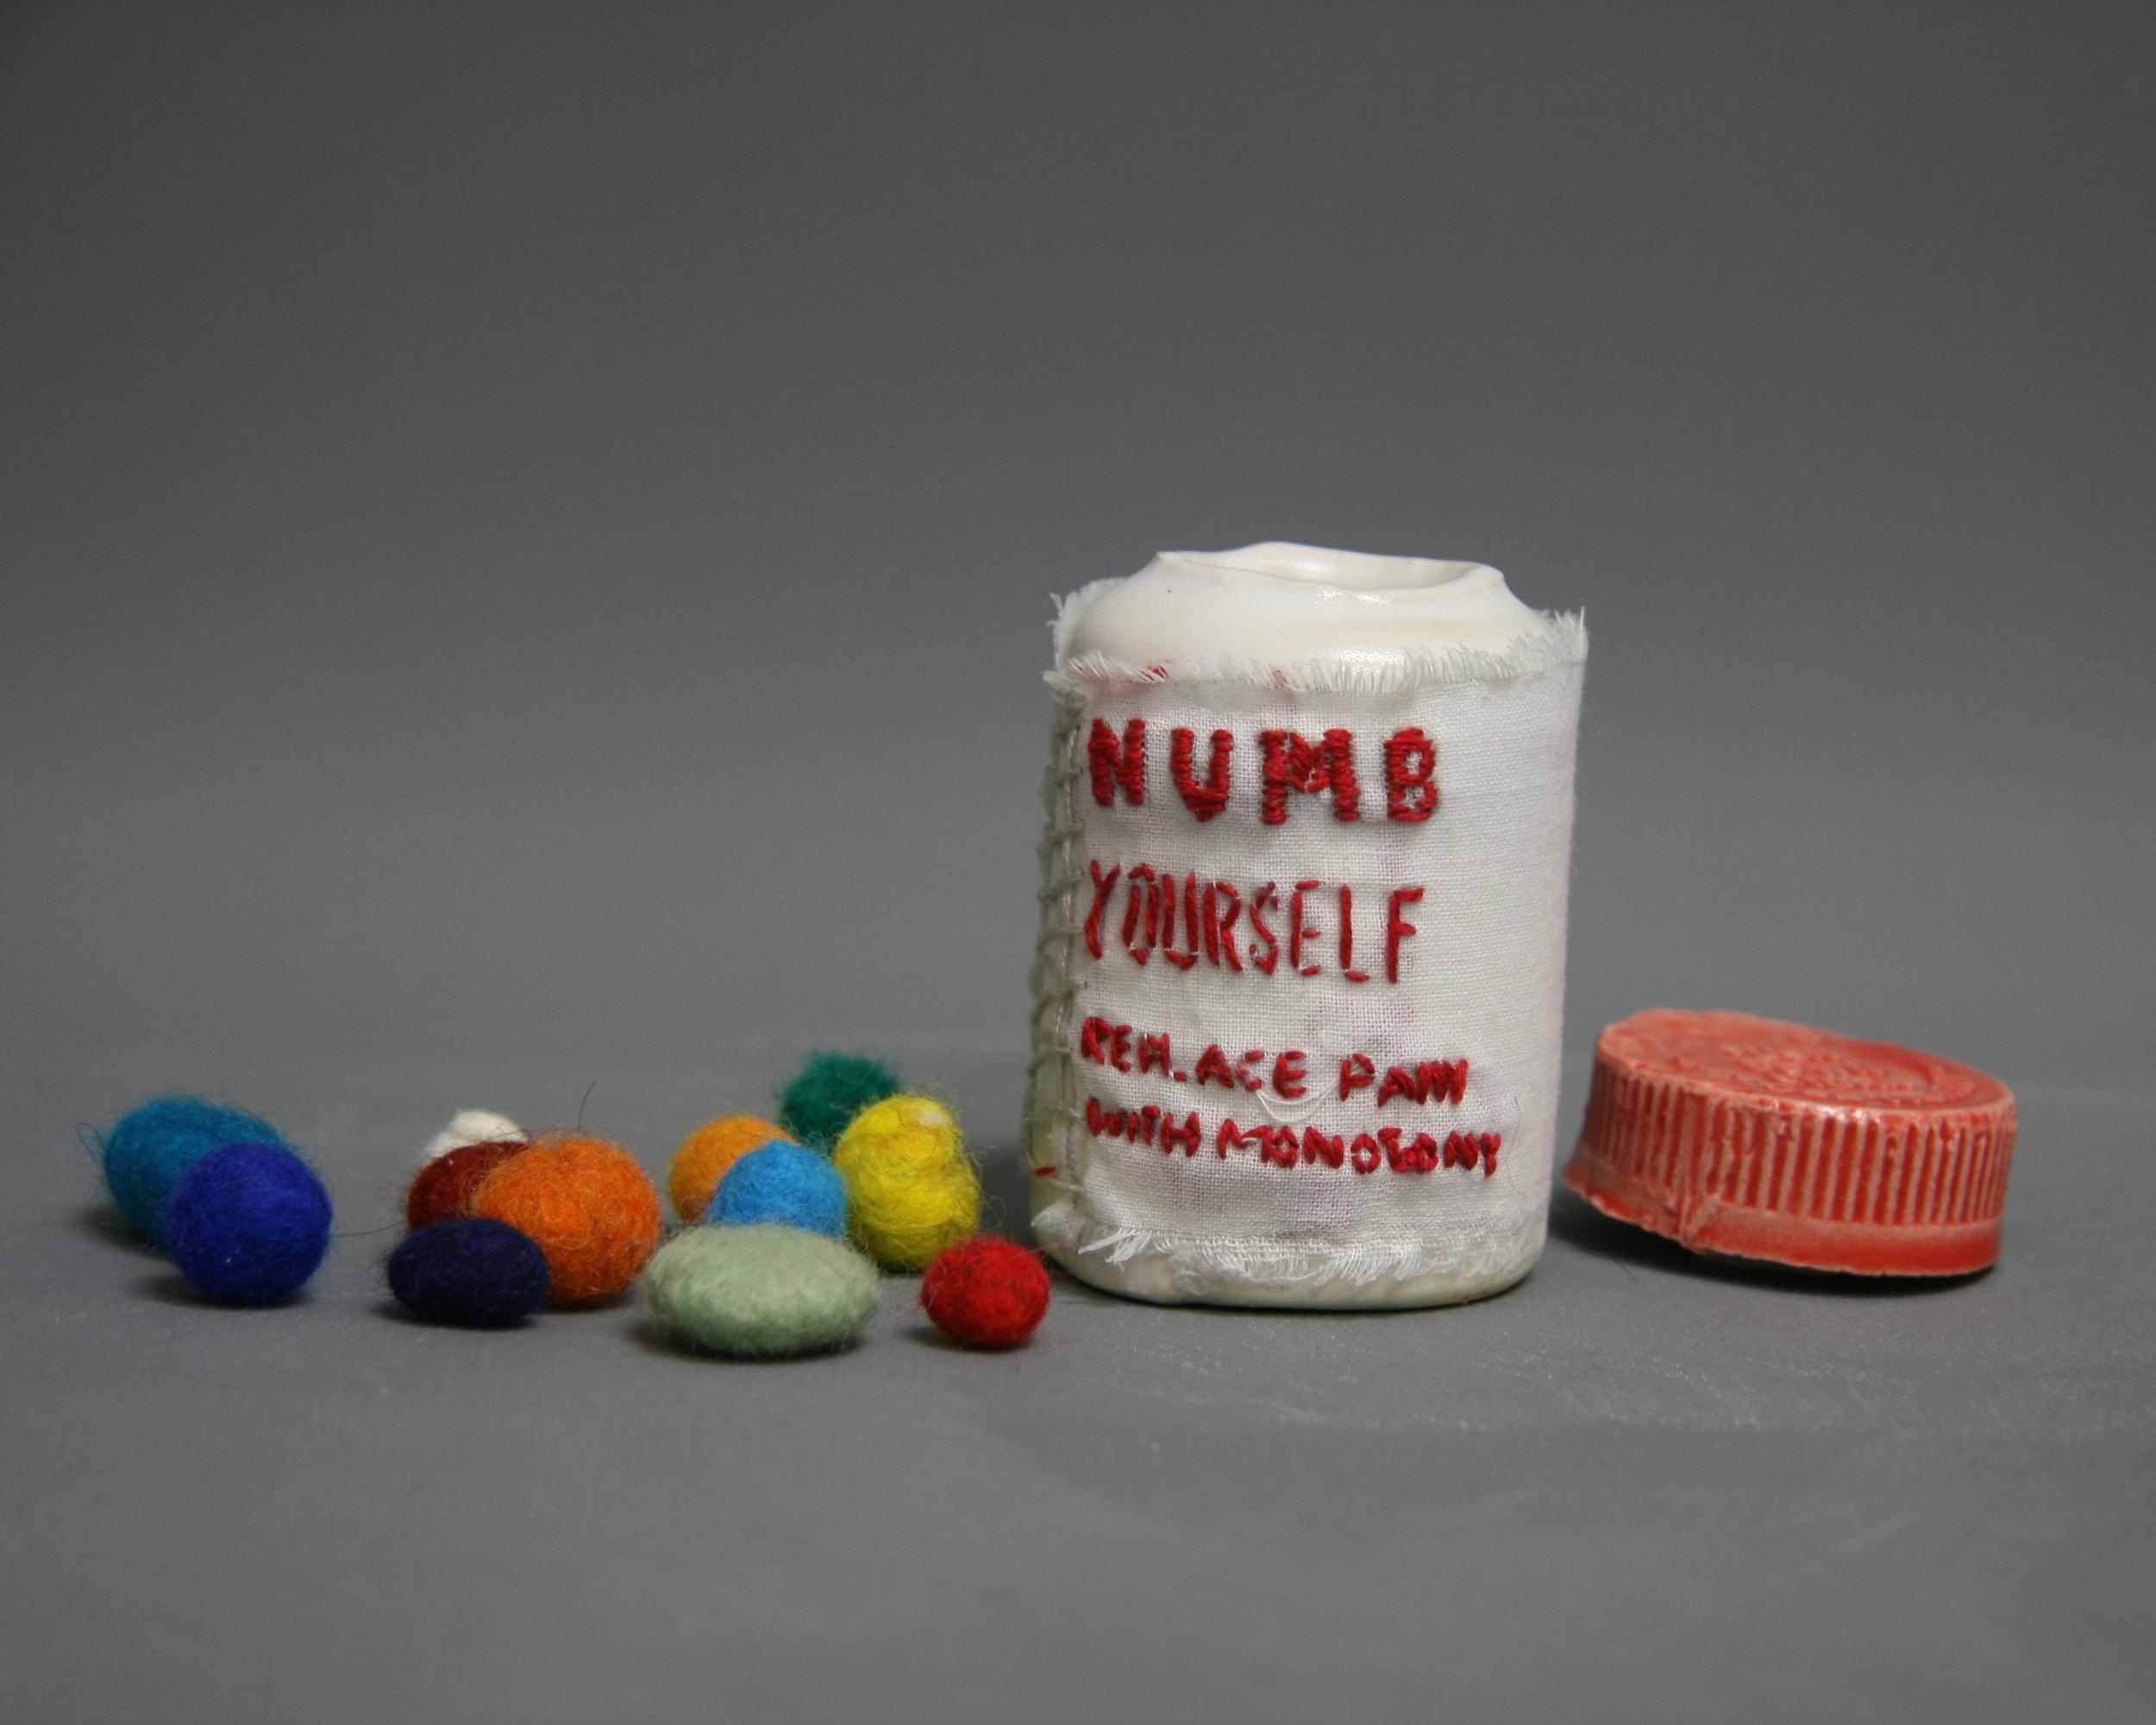 Painkiller Addiction #1 (ceramic, embroidery thread, felt, muslin)